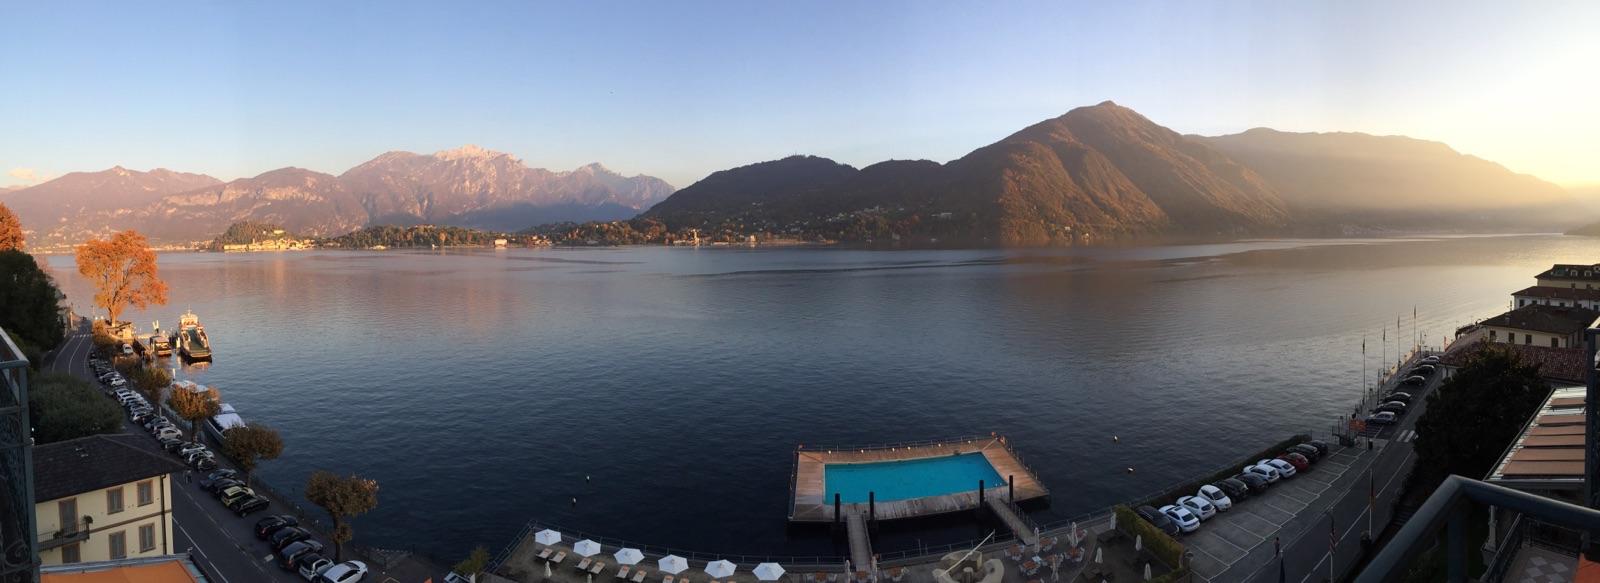 grand-hotel-tremezzo-lago-di-como-lake-italia-dicas-03